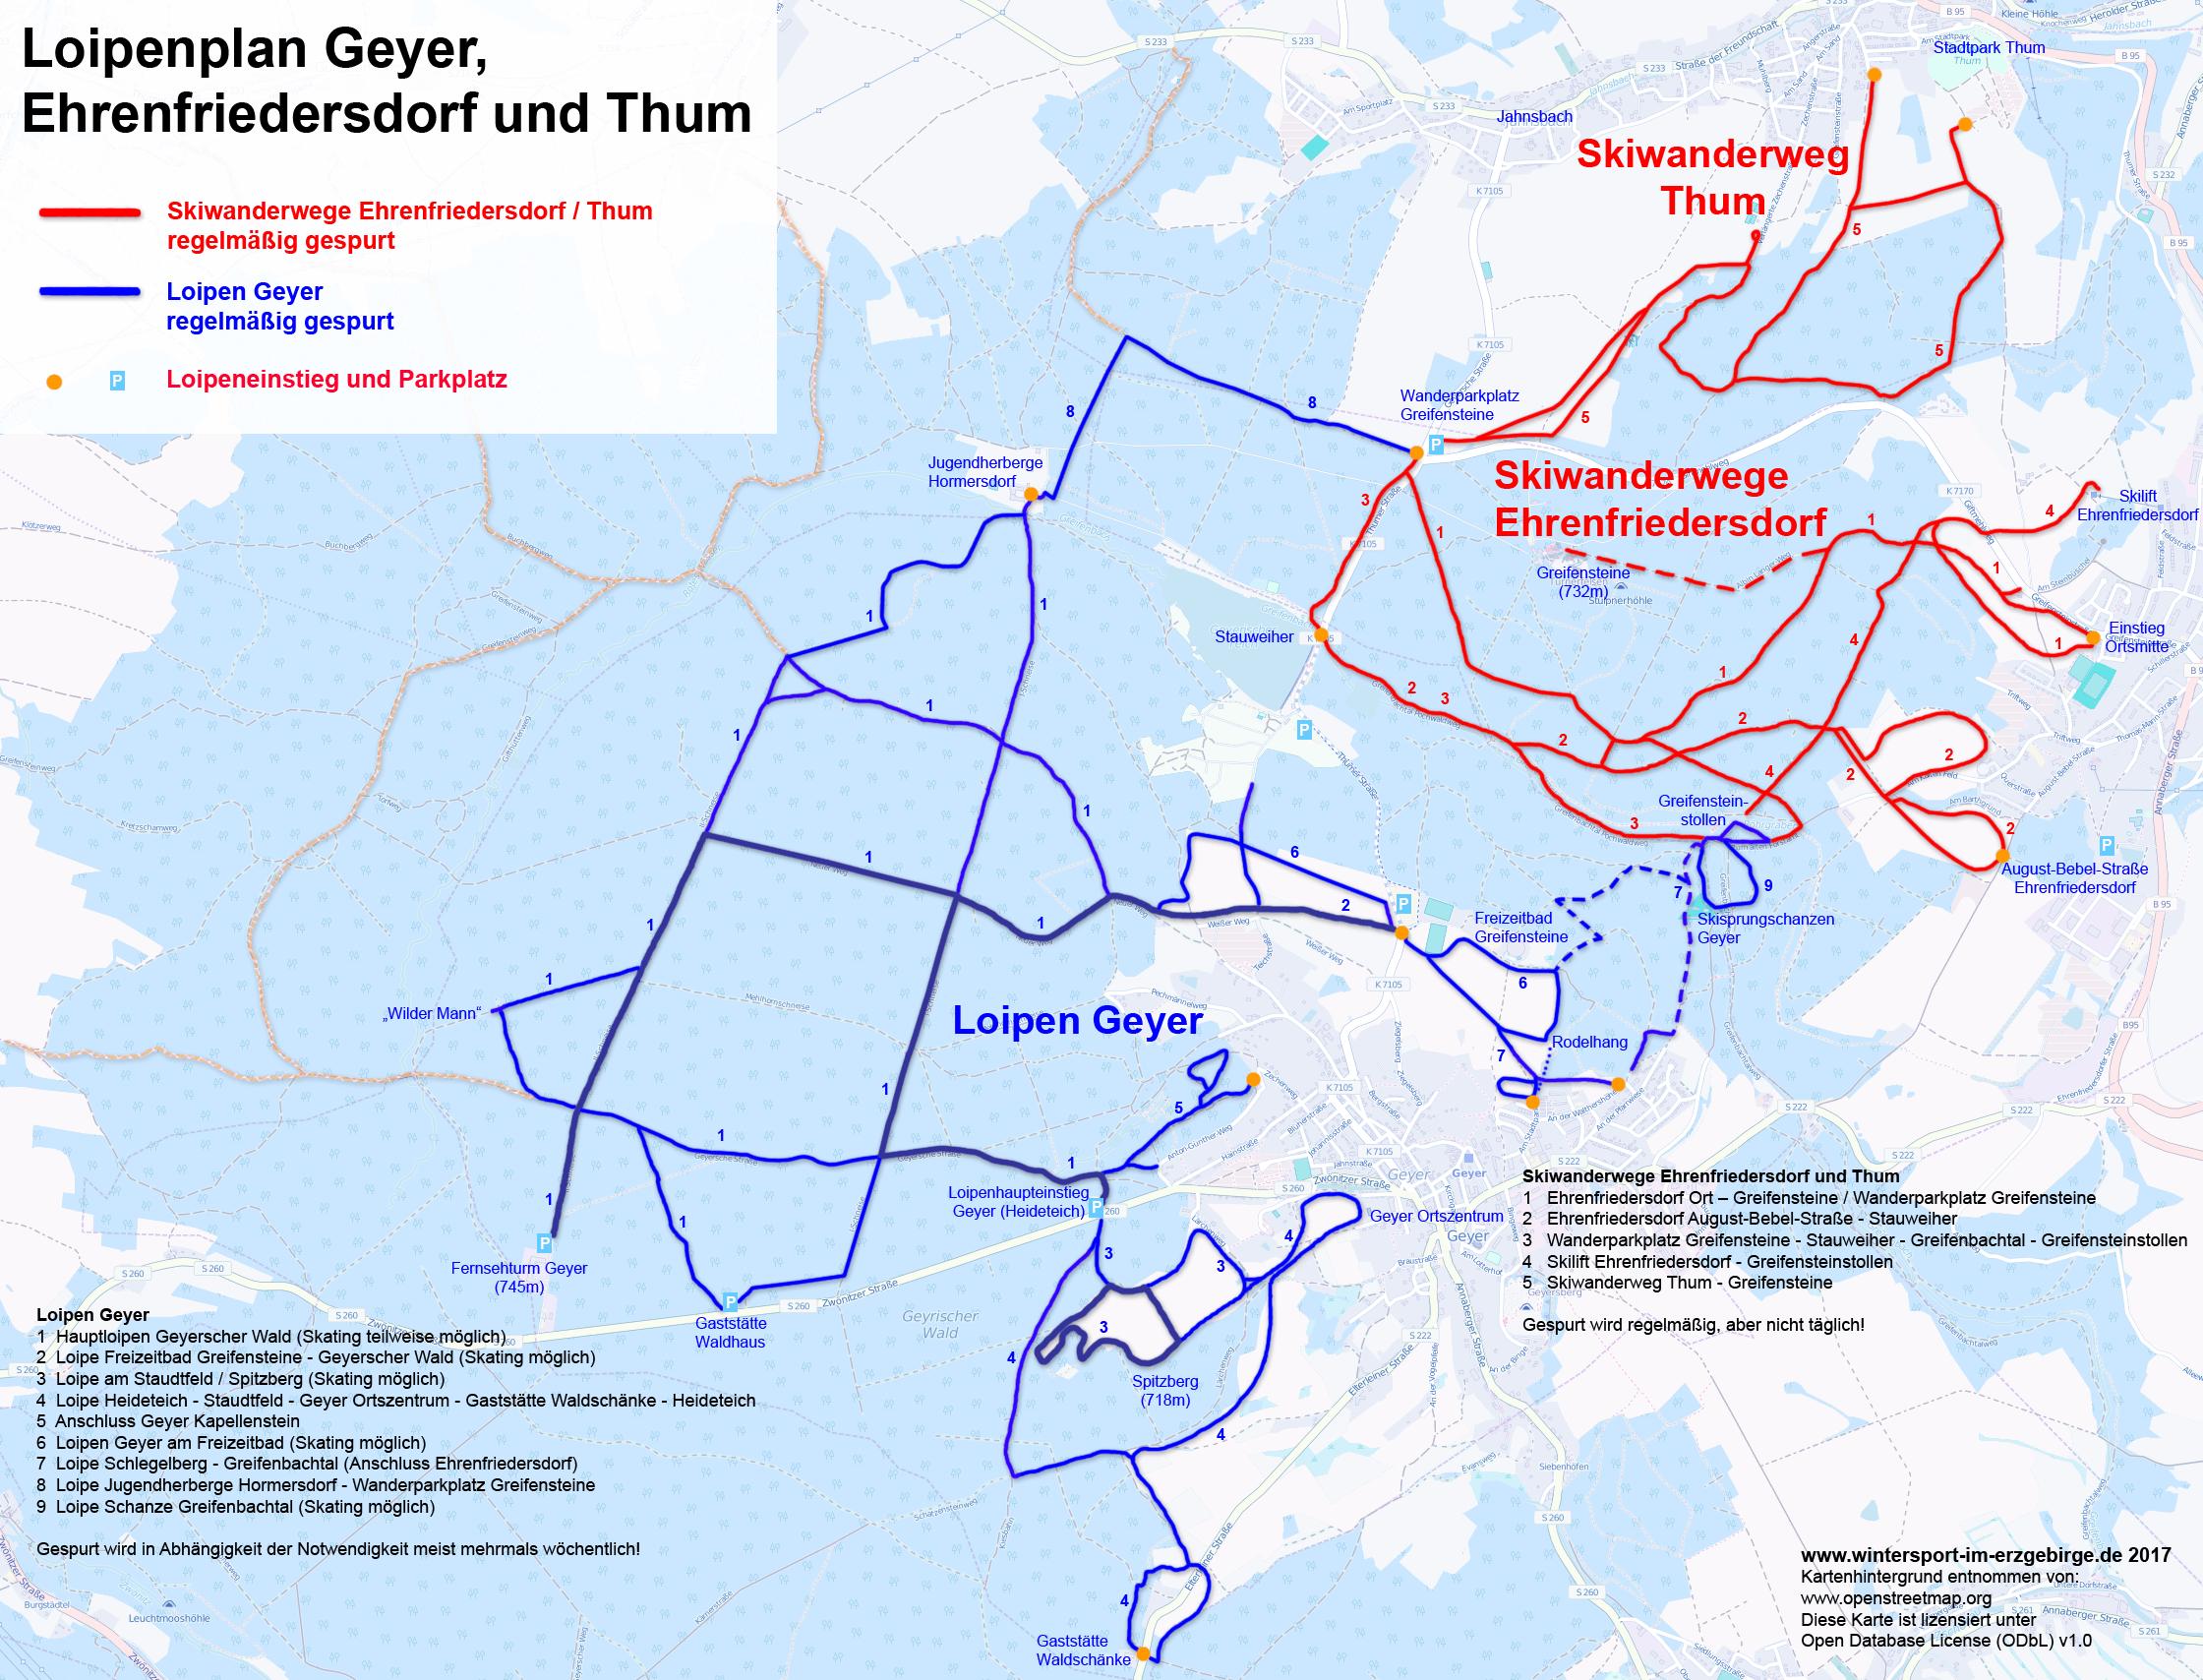 Loipenplan Geyer und Ehrenfriedersdorf